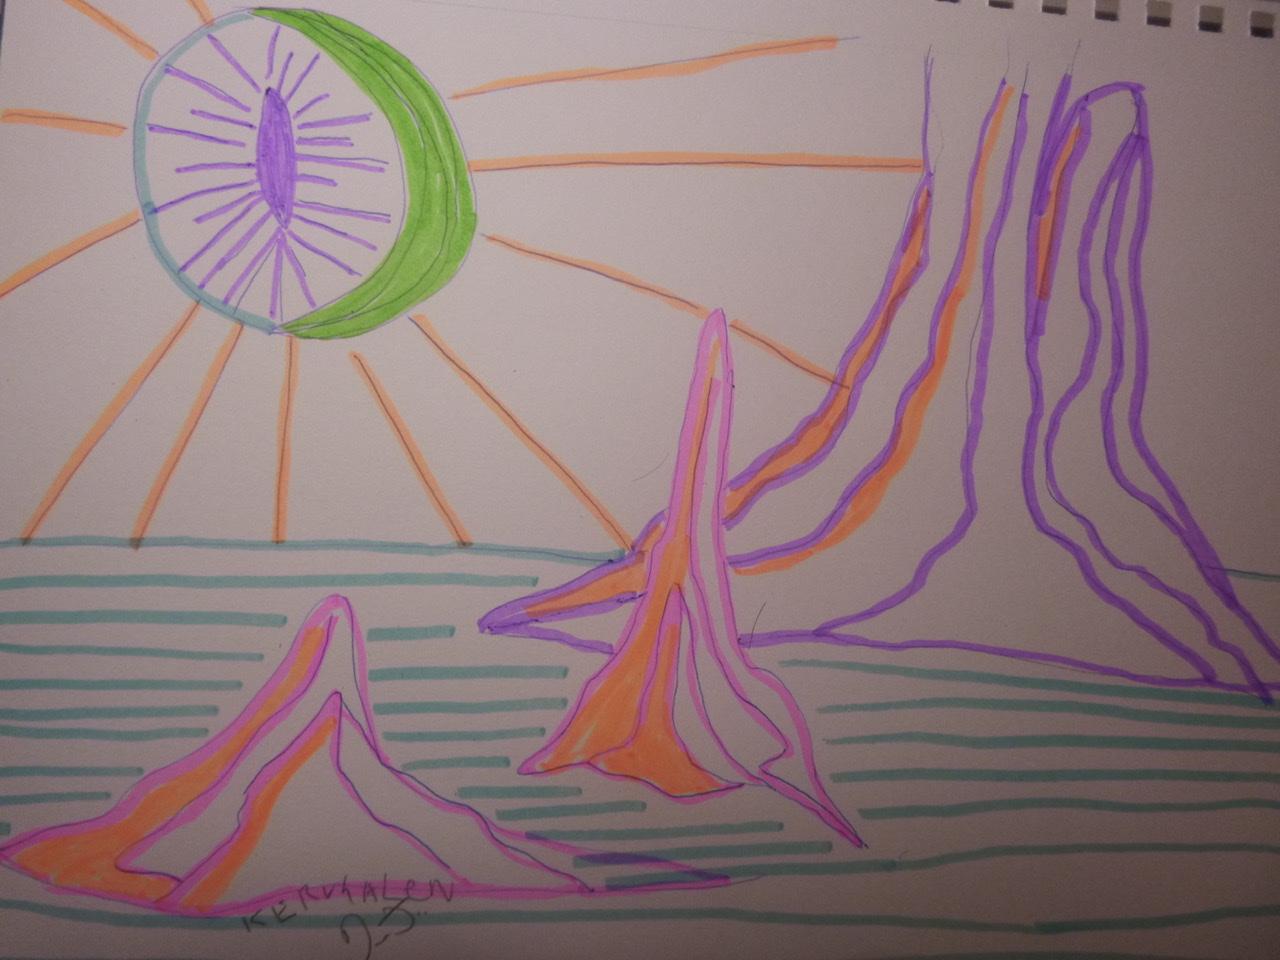 """<span style=""""color: #ff0000;""""><a style=""""color: #ff0000;"""" href=""""mailto:johorse.danielssen@gmail.com?subject=Défi 15 dessins 15 semaines -  Schlangaugen"""">Contacter l'artiste</a></span> Daniel Joyal - Schlangaugen - 75$ (transaction directement avec l'artiste) - stylo bille et marqueur fluo sur papier Canson, 9x 12po"""